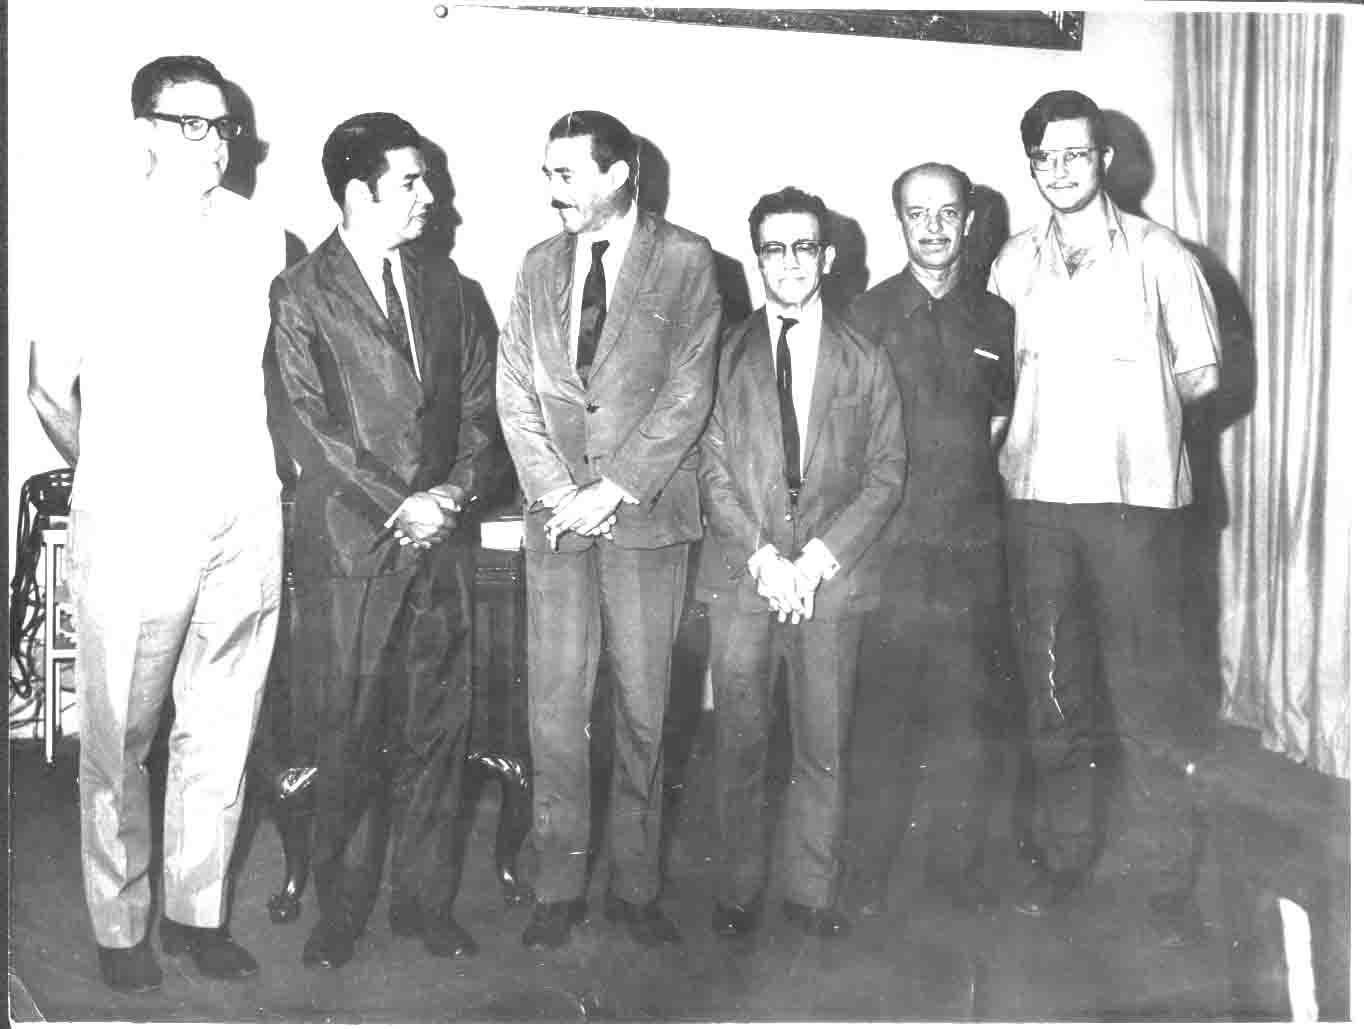 Silvio Marques (falecido), Luis Carlos Peixoto (falecido), Décio Trevenard, Procurador da PMV, Holdar Neves Loyola  e Miguel Deps Talon (falecido) - Posse de Luis Carlos Peixoto como Prefeito de Vitória - 1969